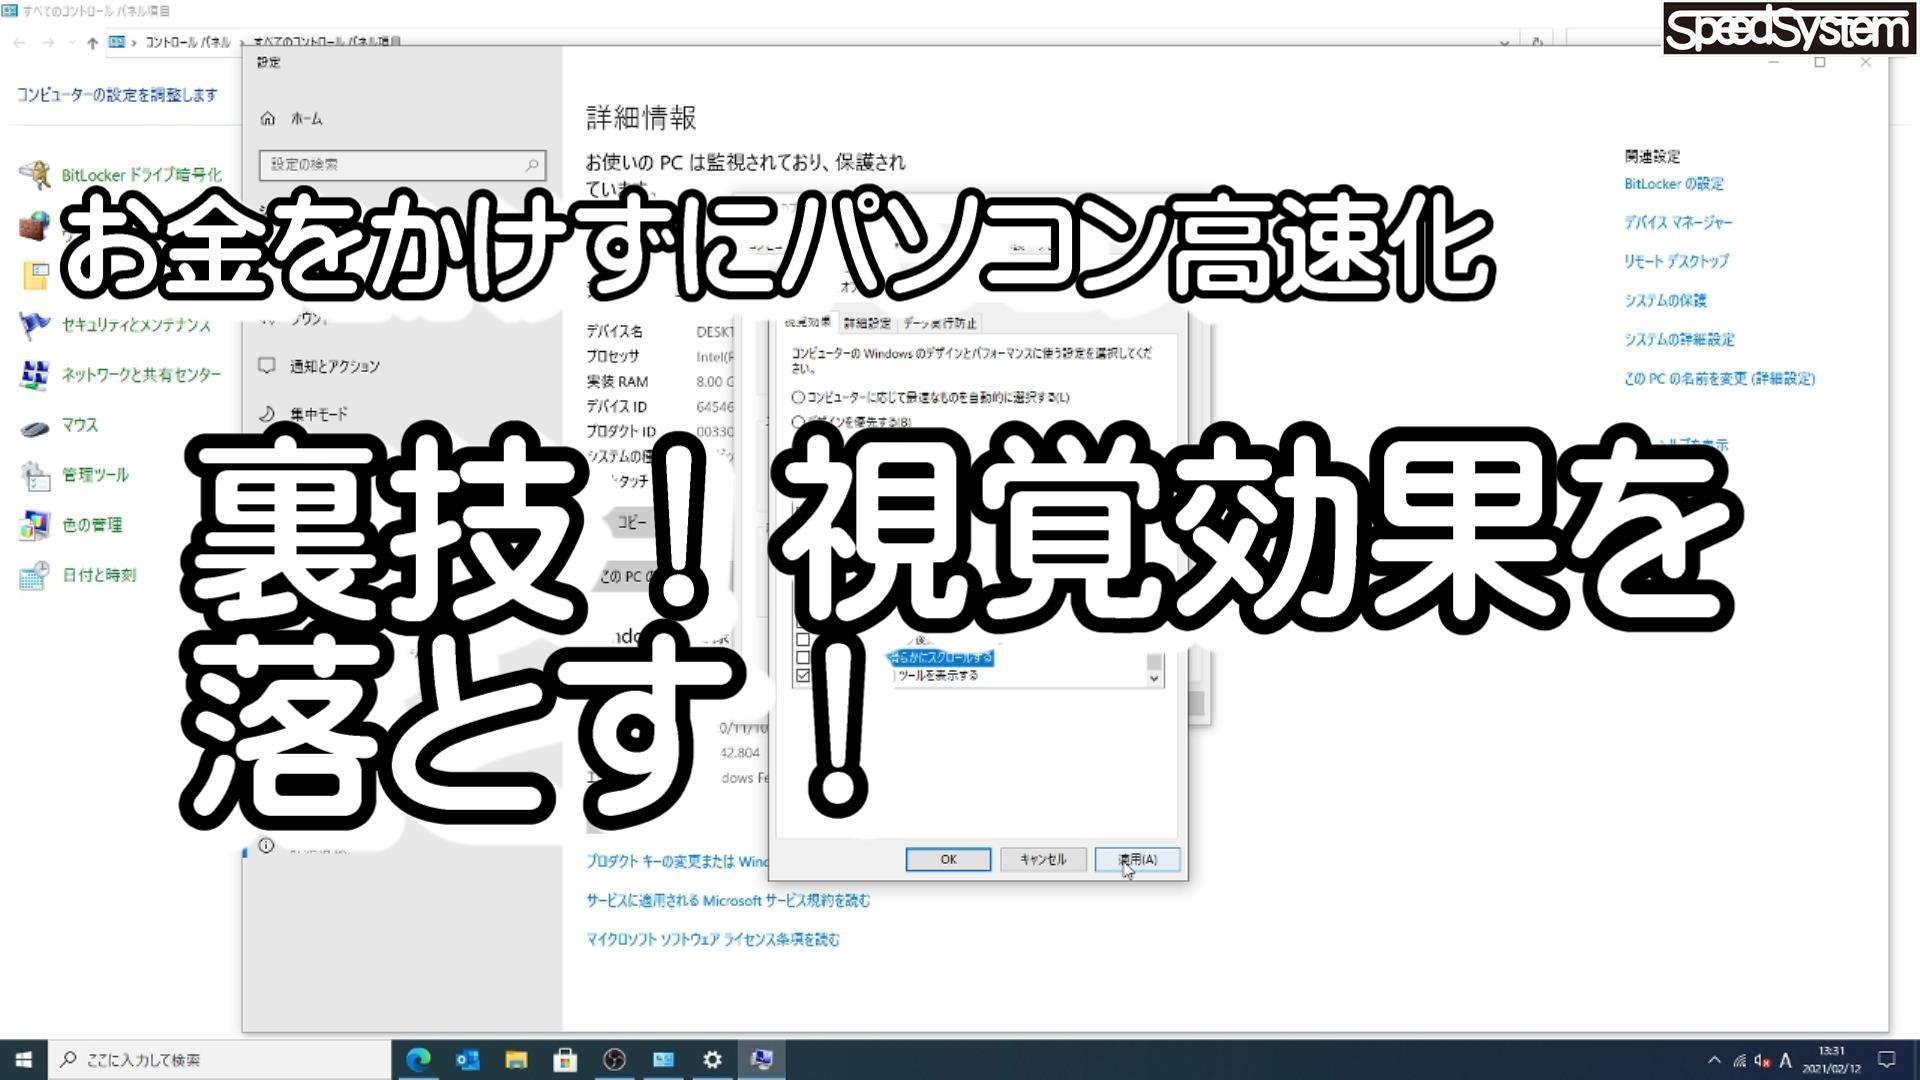 お金をかけずに高速化手順動画公開!